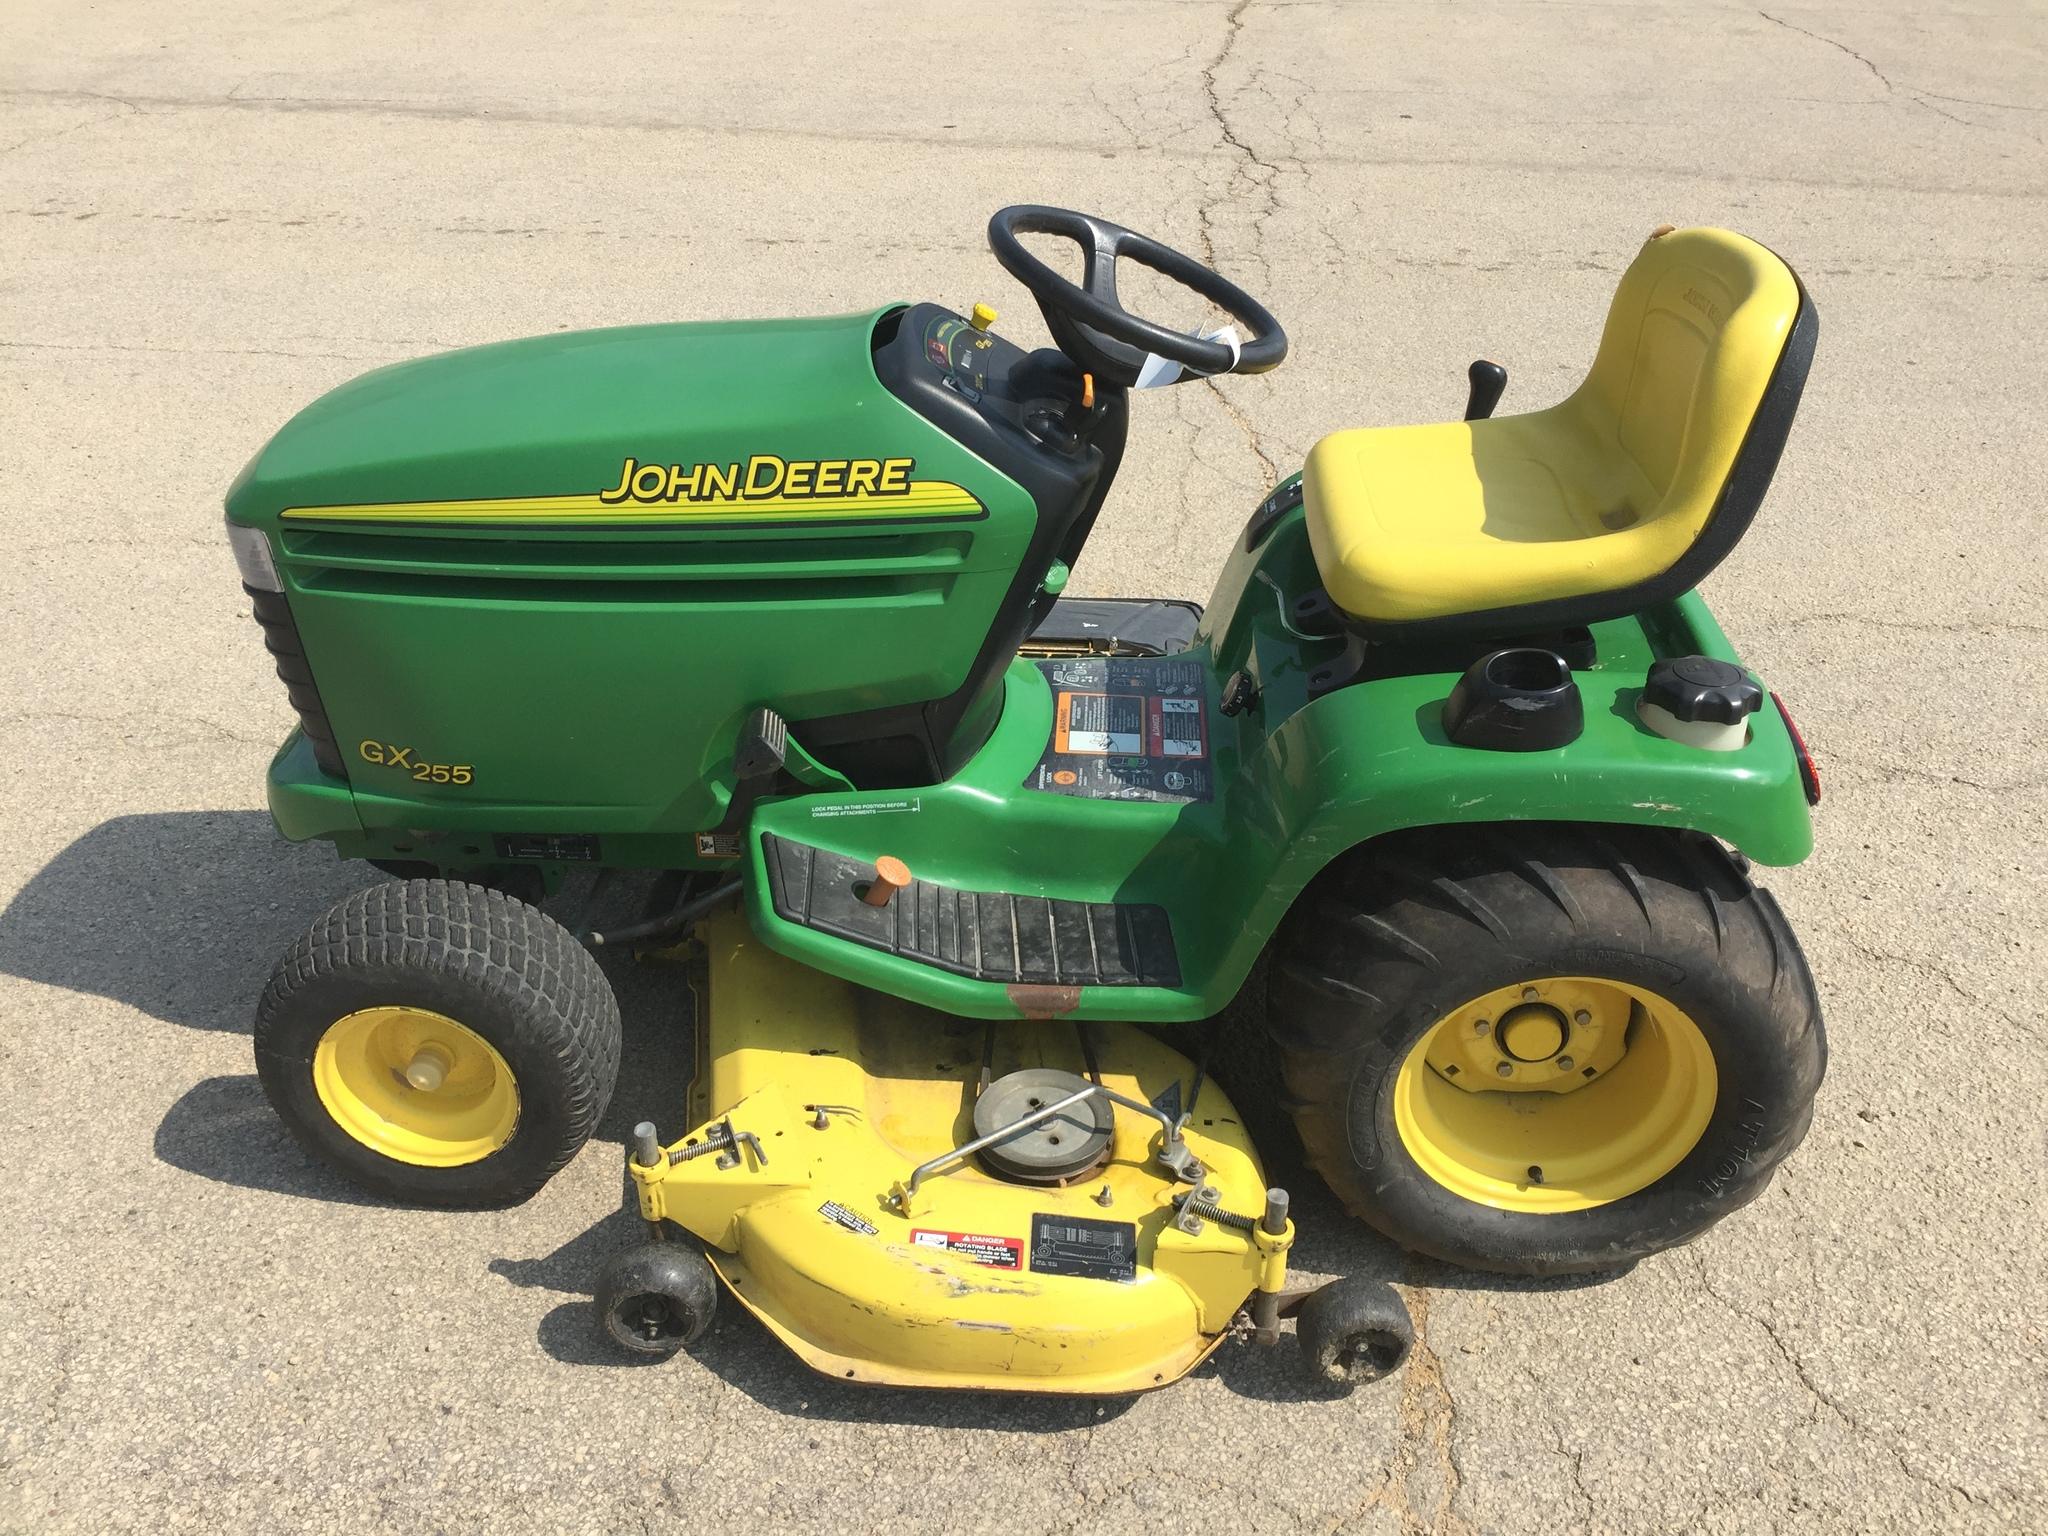 John Deere GX255 Lawn & Garden Tractors for Sale | [58623]